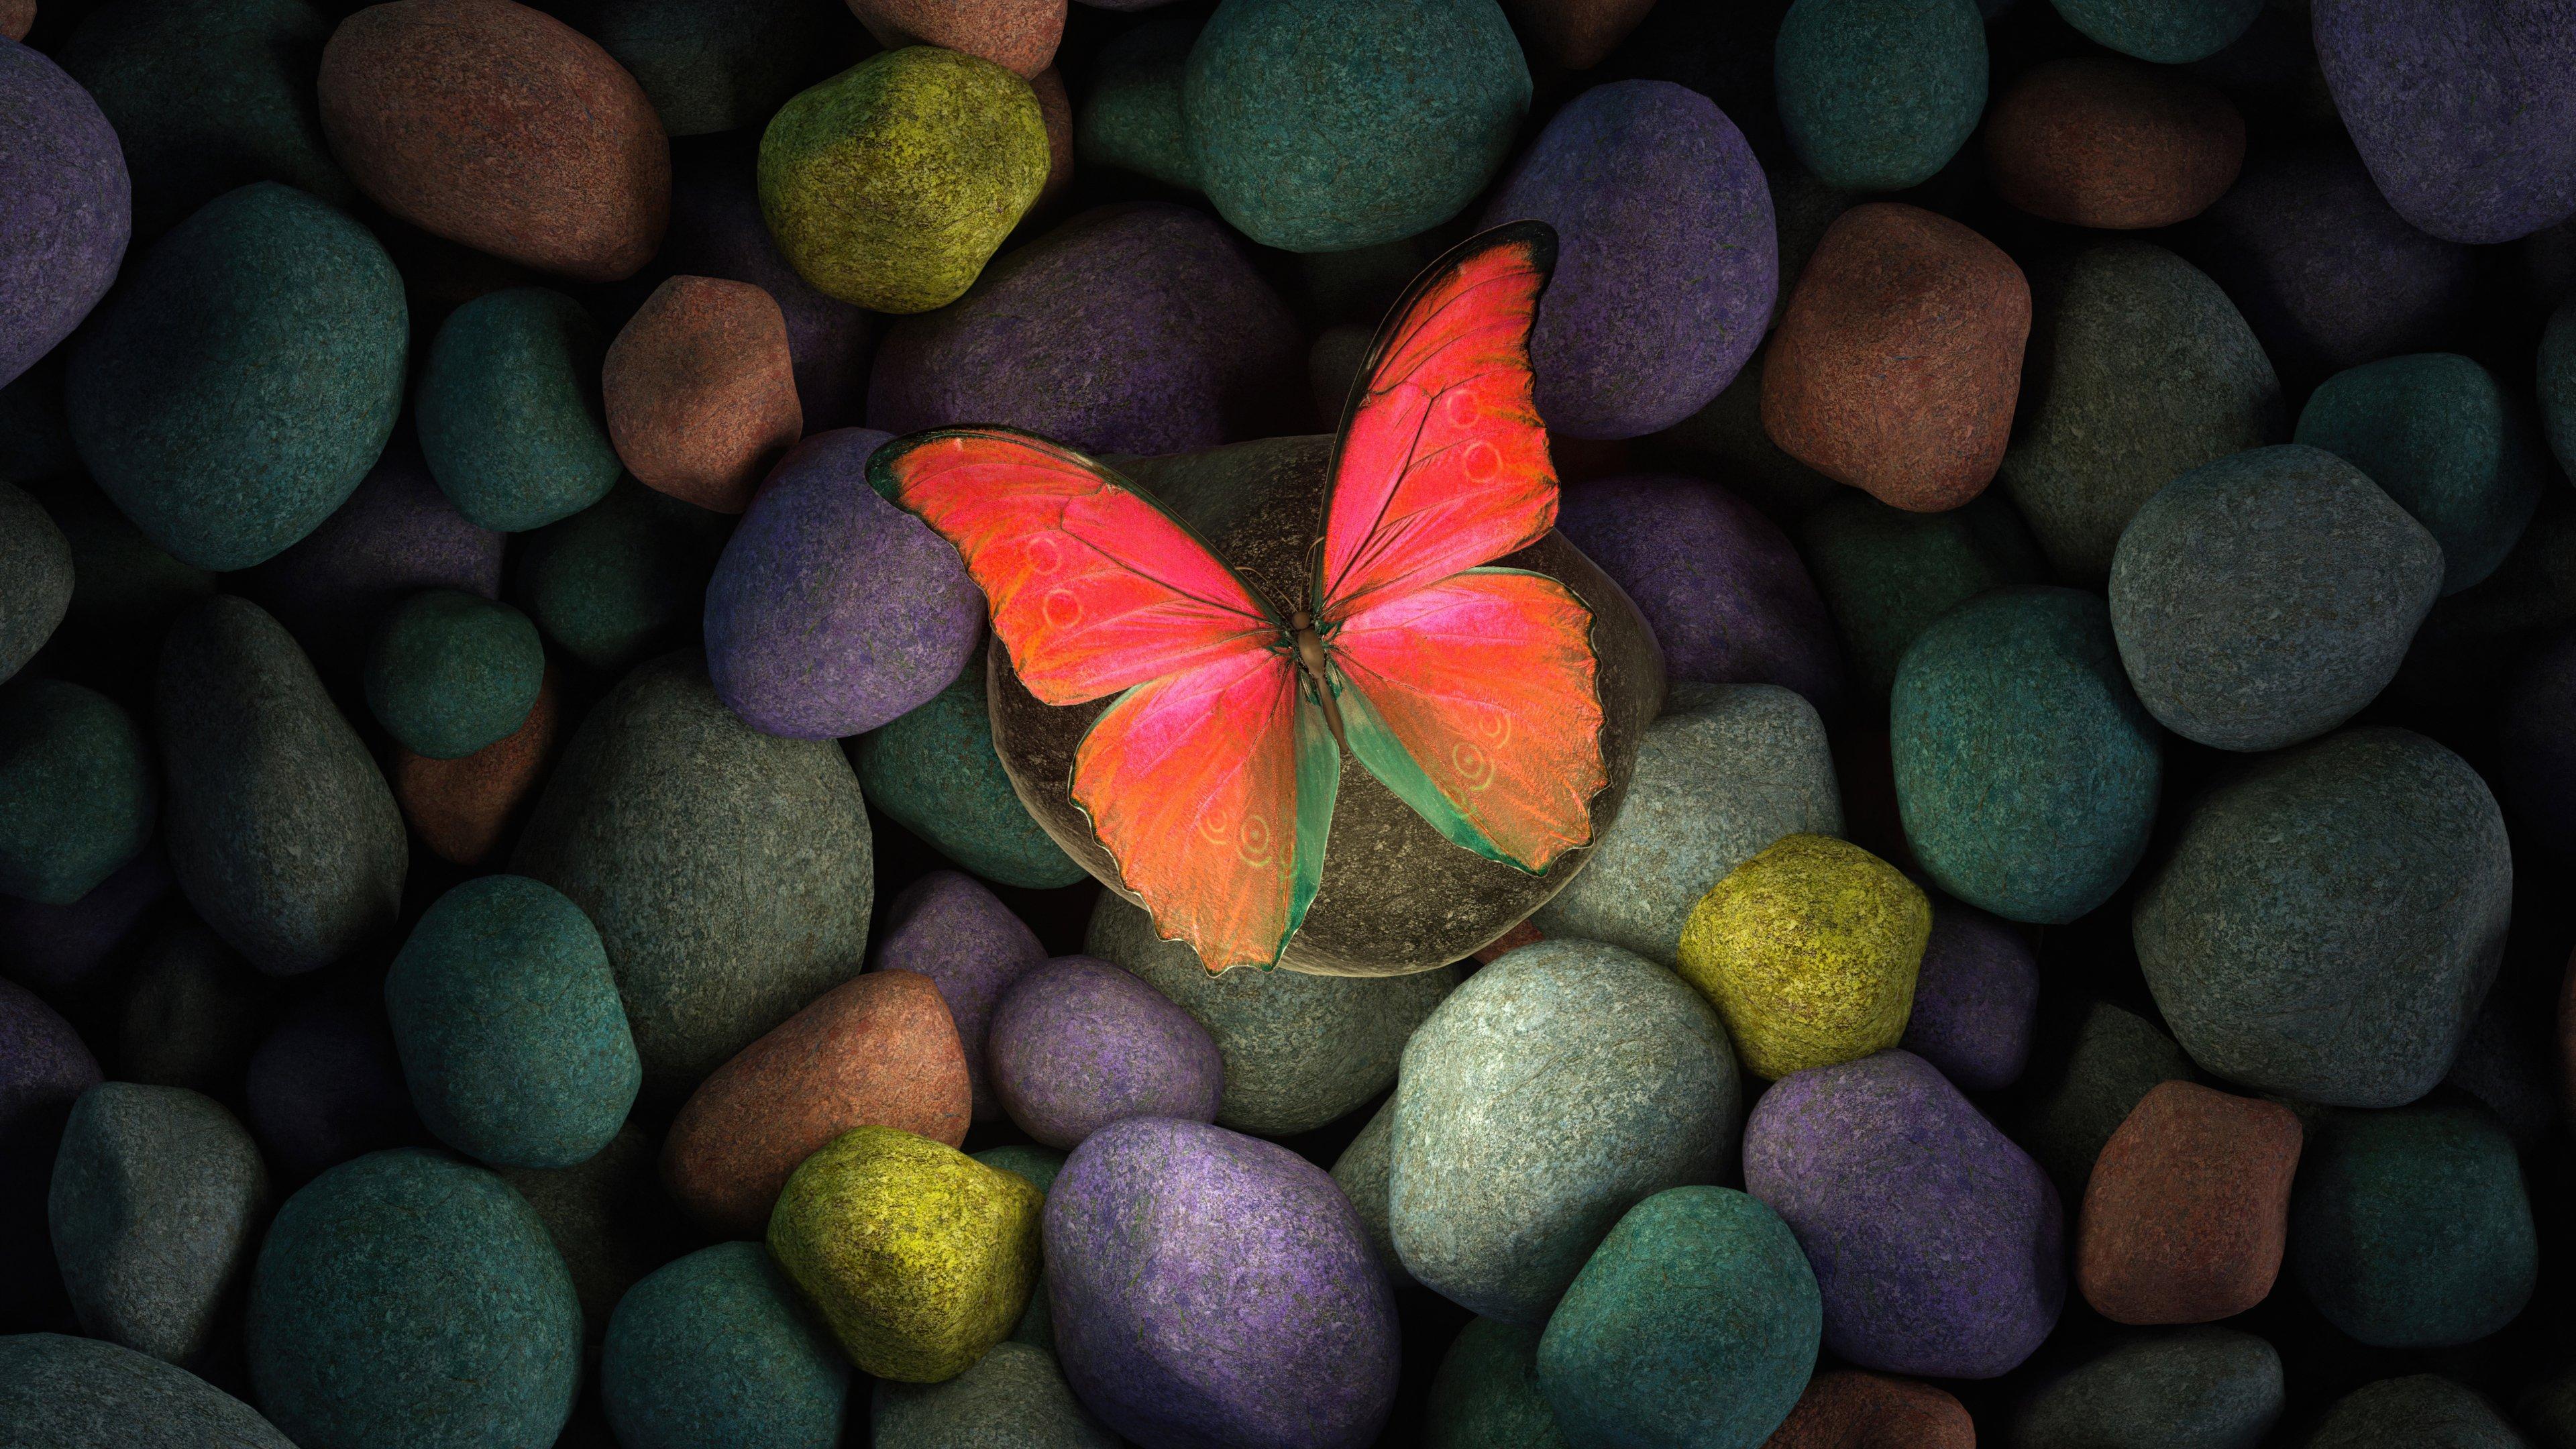 Fondos de pantalla Mariposa en piedras de colores